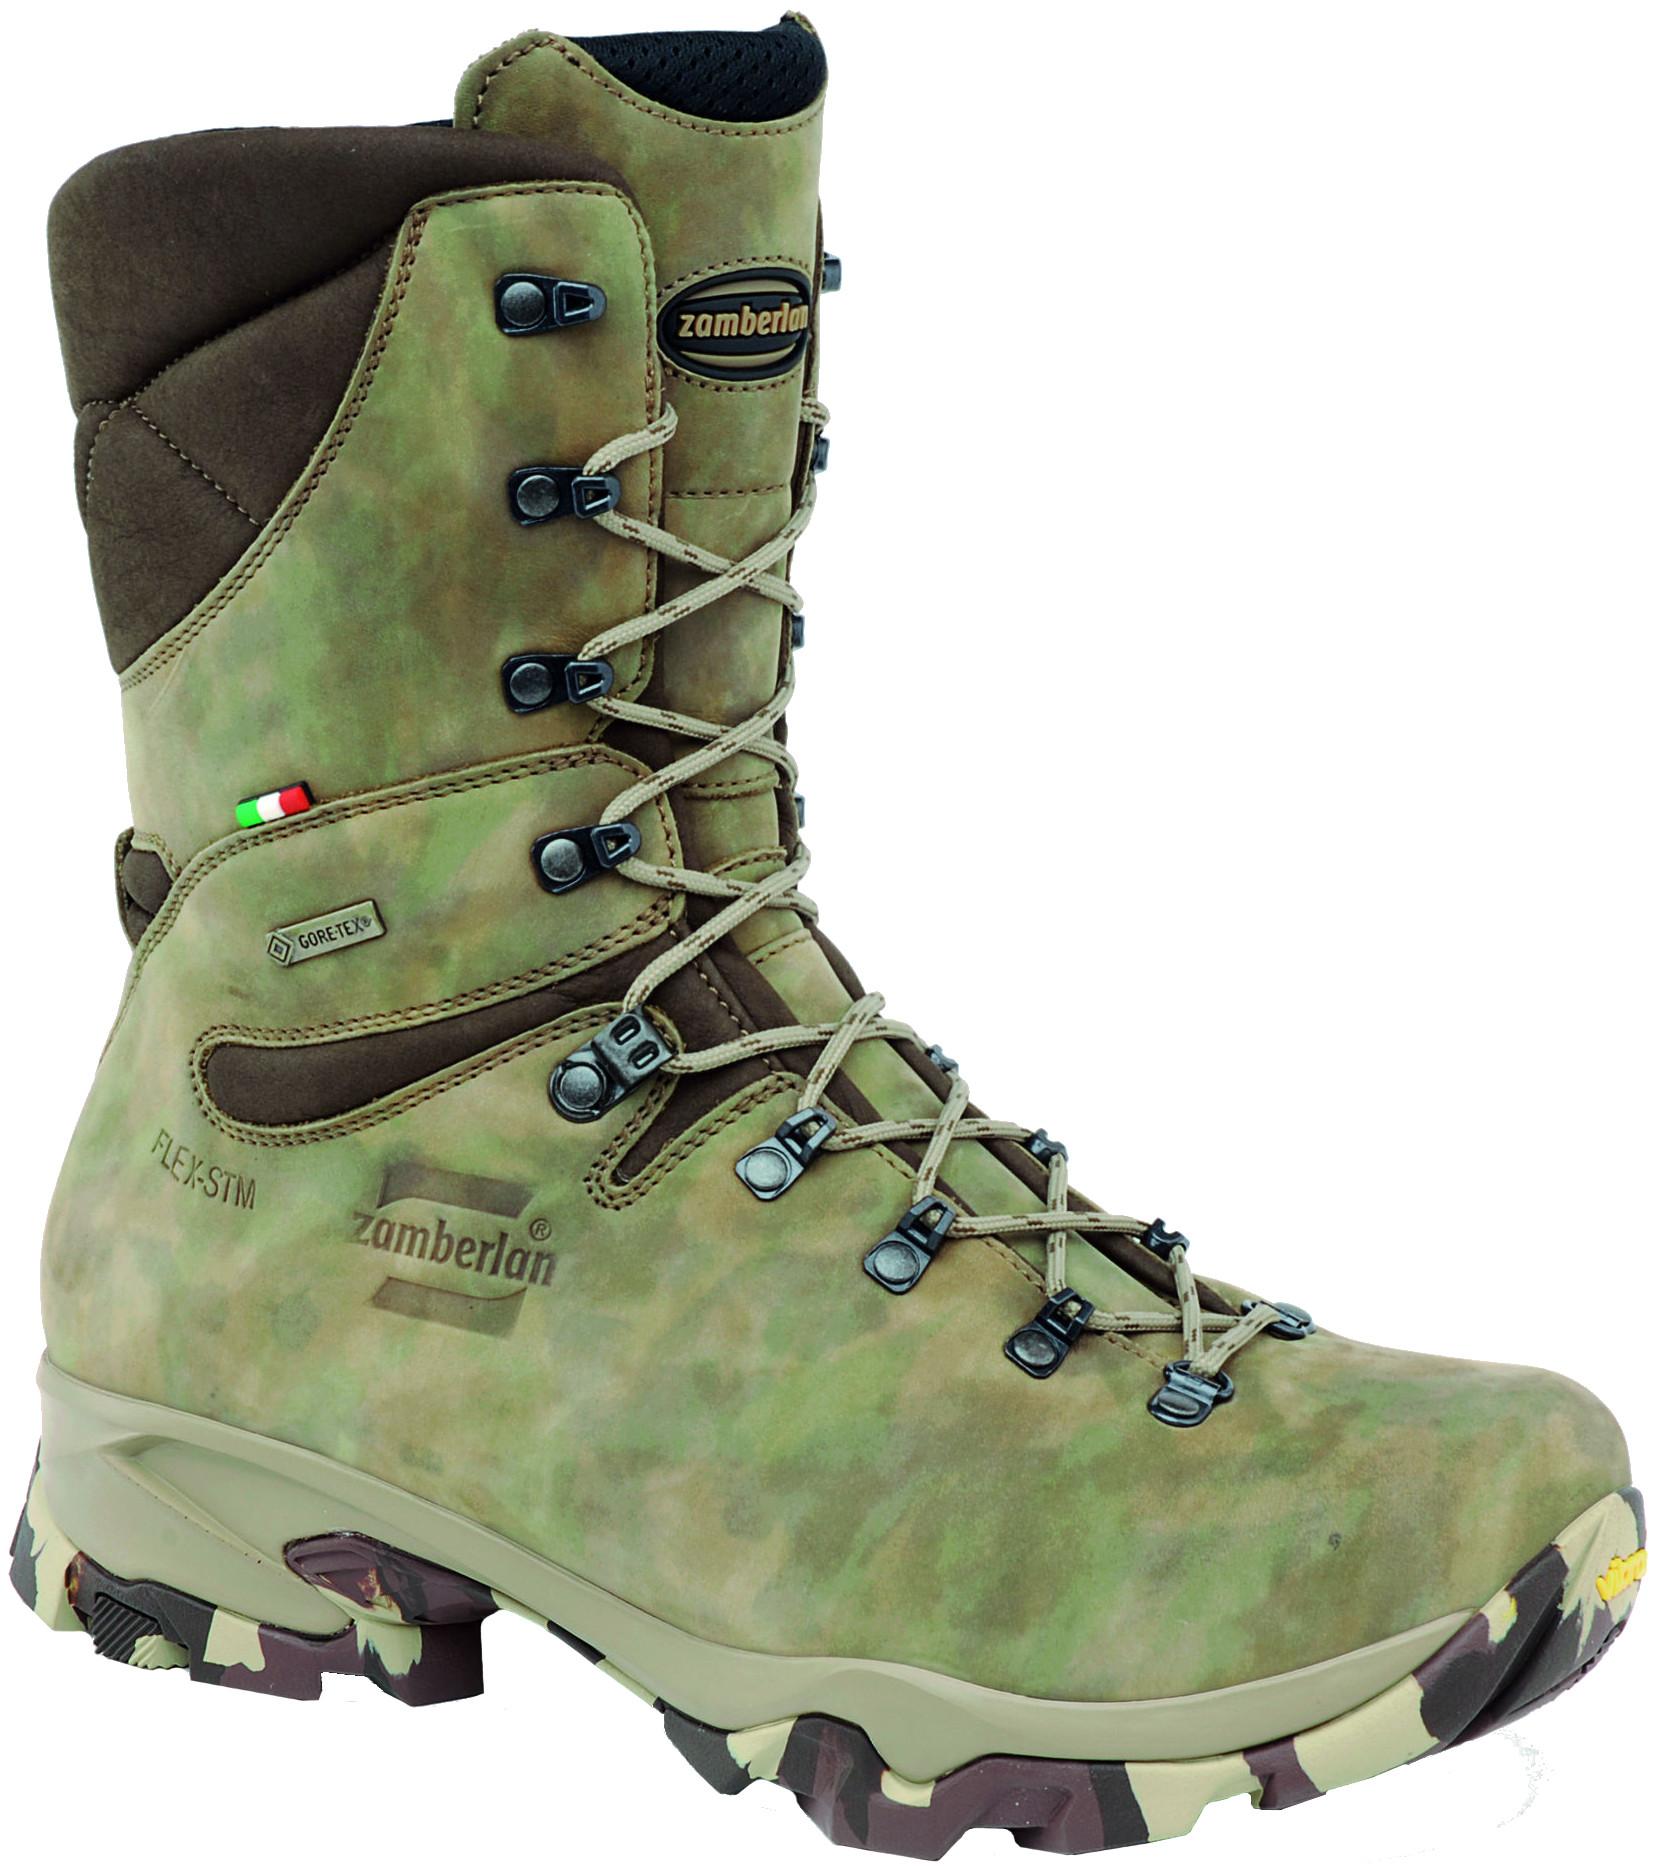 30f175064 Zamberlan 1015 Cougar High GTX Backpacking Boot - Men's